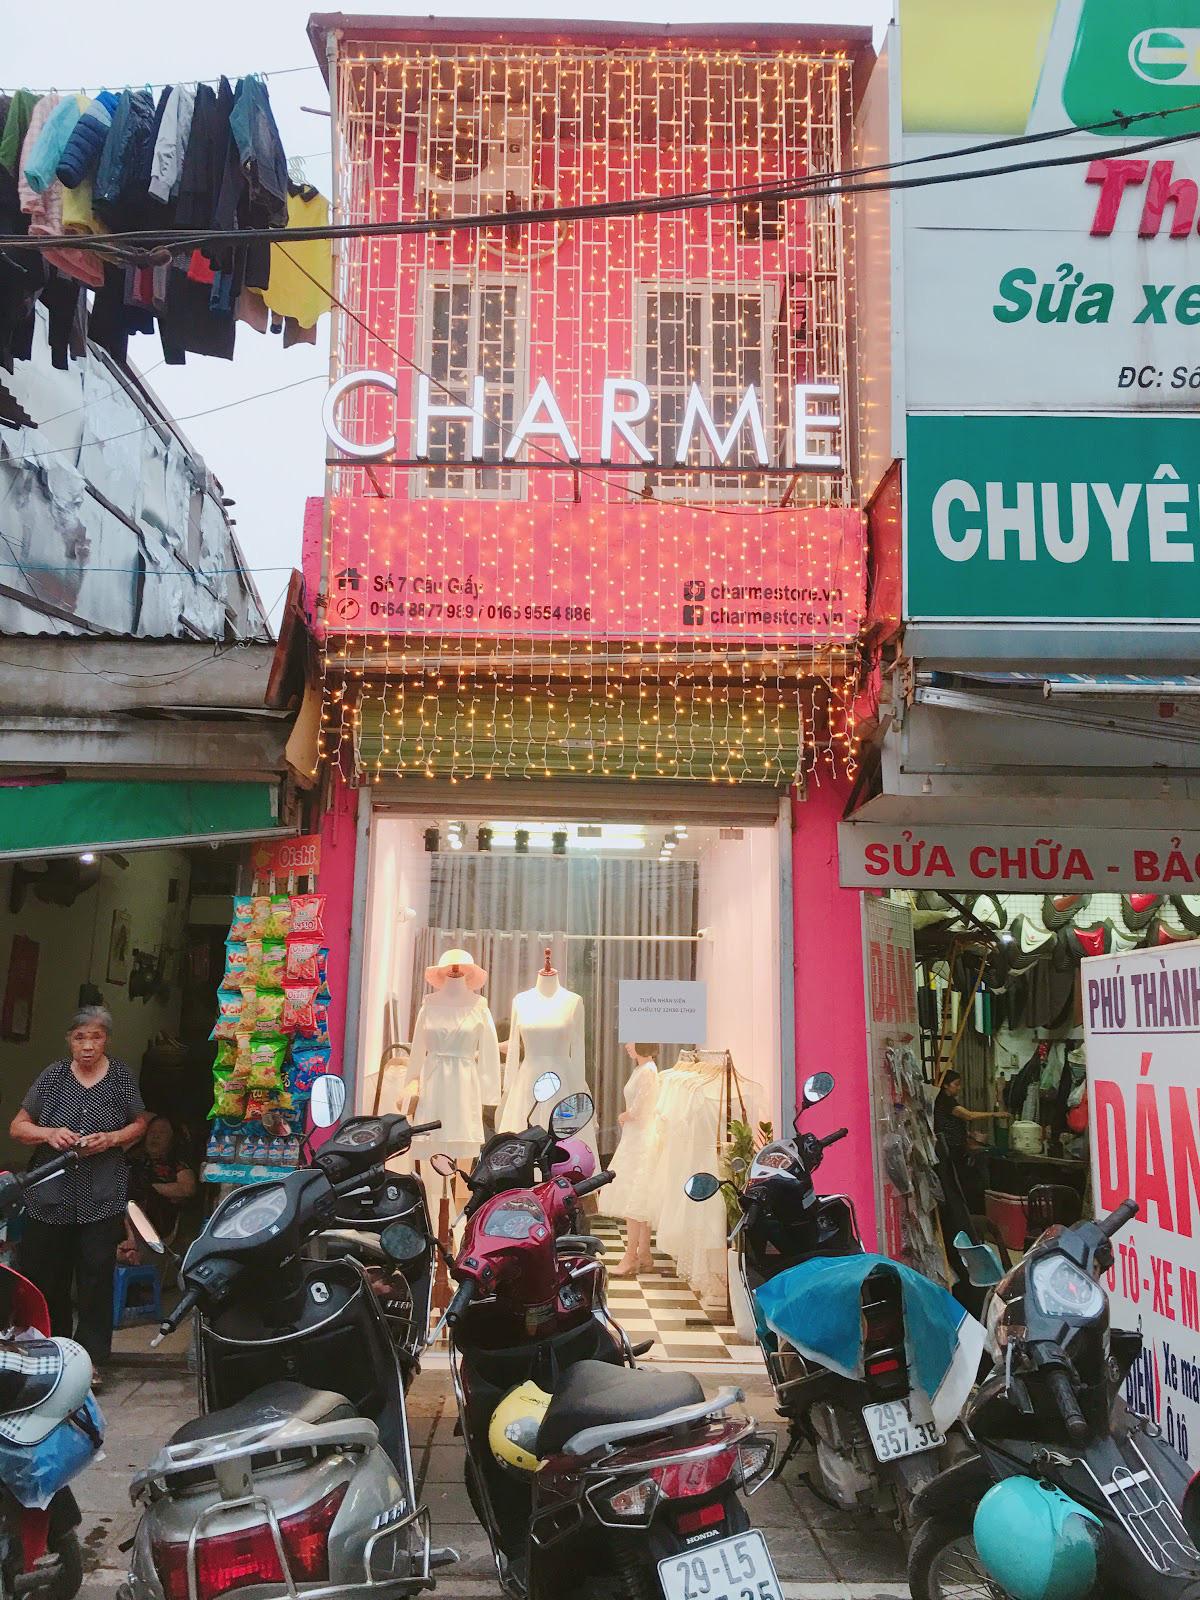 Chuỗi thời trang Charme Store và con đường chinh phục làng thời trang thiết kế chỉ từ số vốn 30 triệu - Ảnh 3.